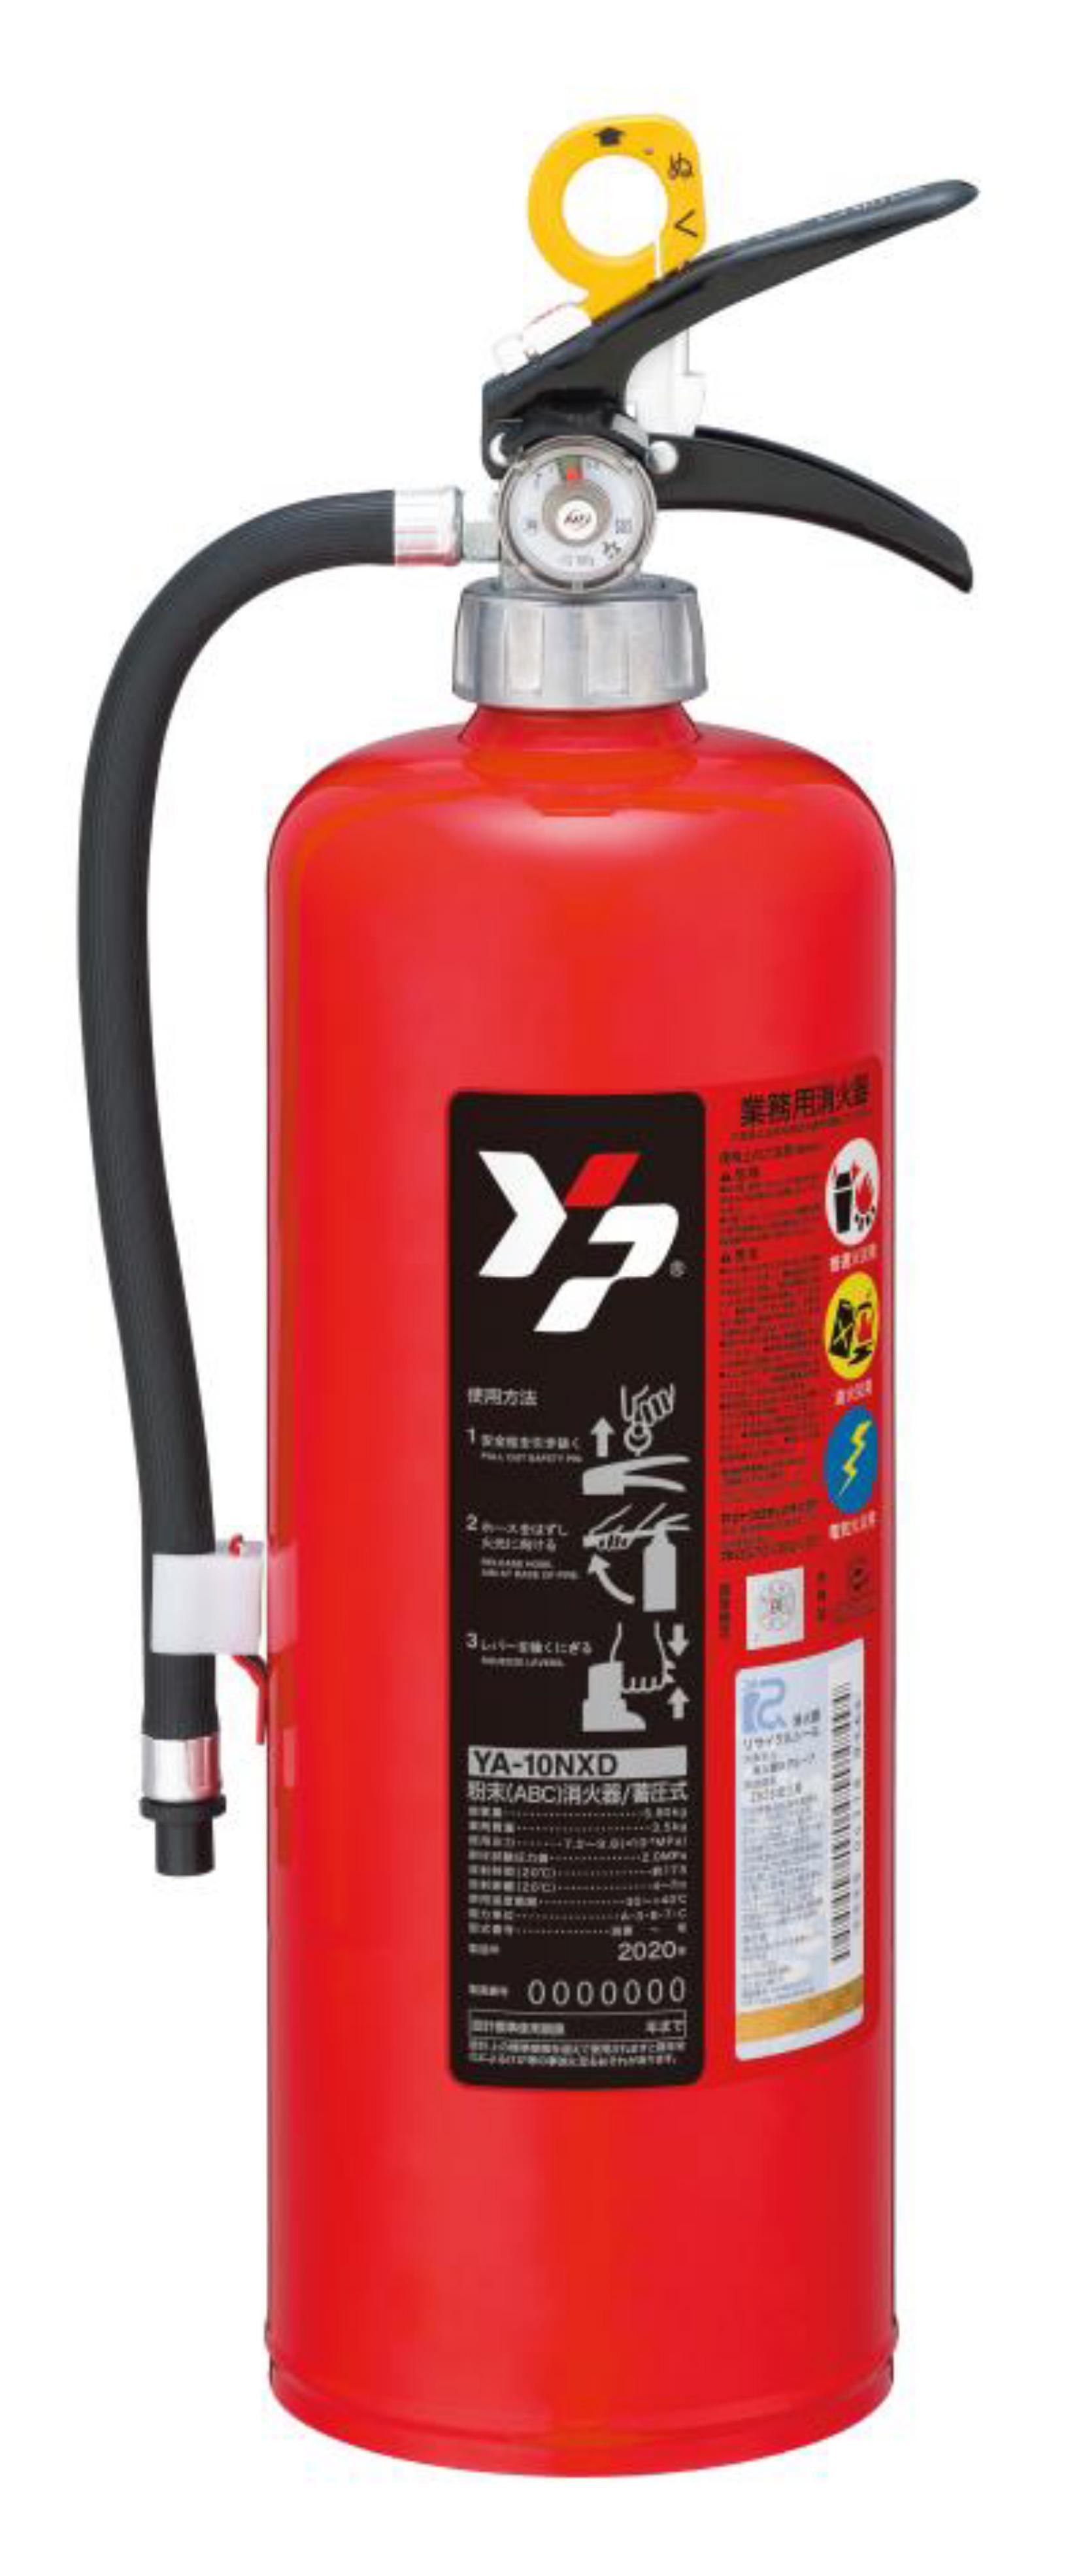 粉末(ABC)蓄圧式消火器 YA-10NXD